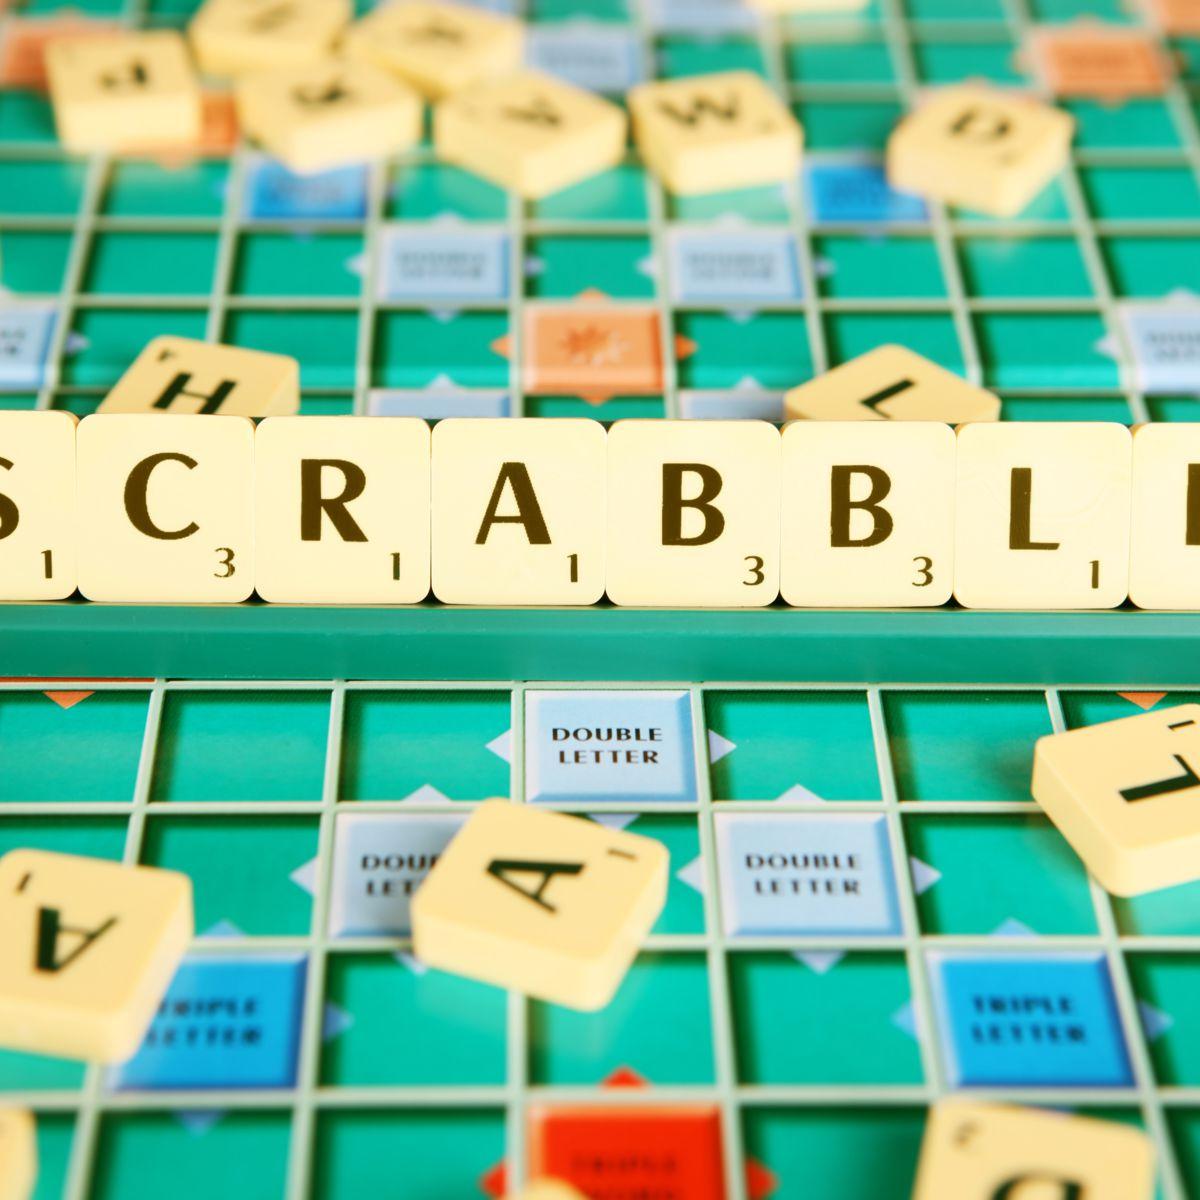 Jouer Au Scrabble En Ligne : Les Meilleurs Sites Et Applis tout Jeux Gratuits En Ligne Sans Inscription Et Sans Telechargement